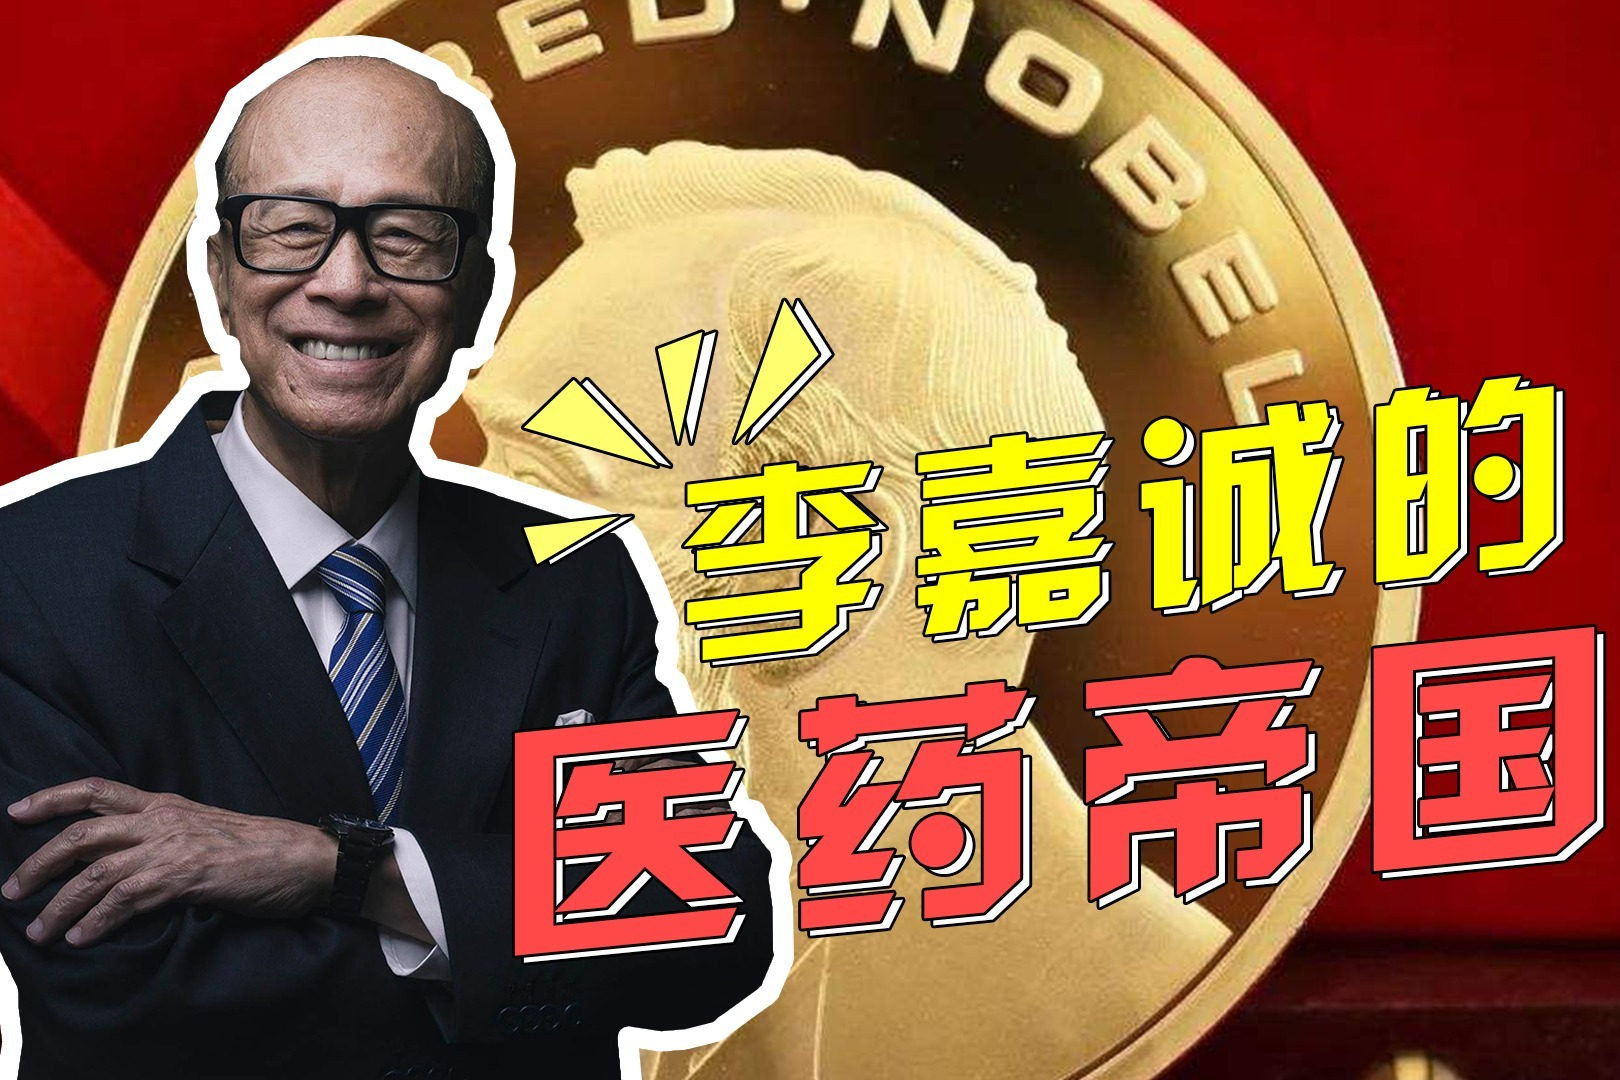 李嘉诚的医药帝国:从中国市场吸血,砸出两个诺贝尔奖